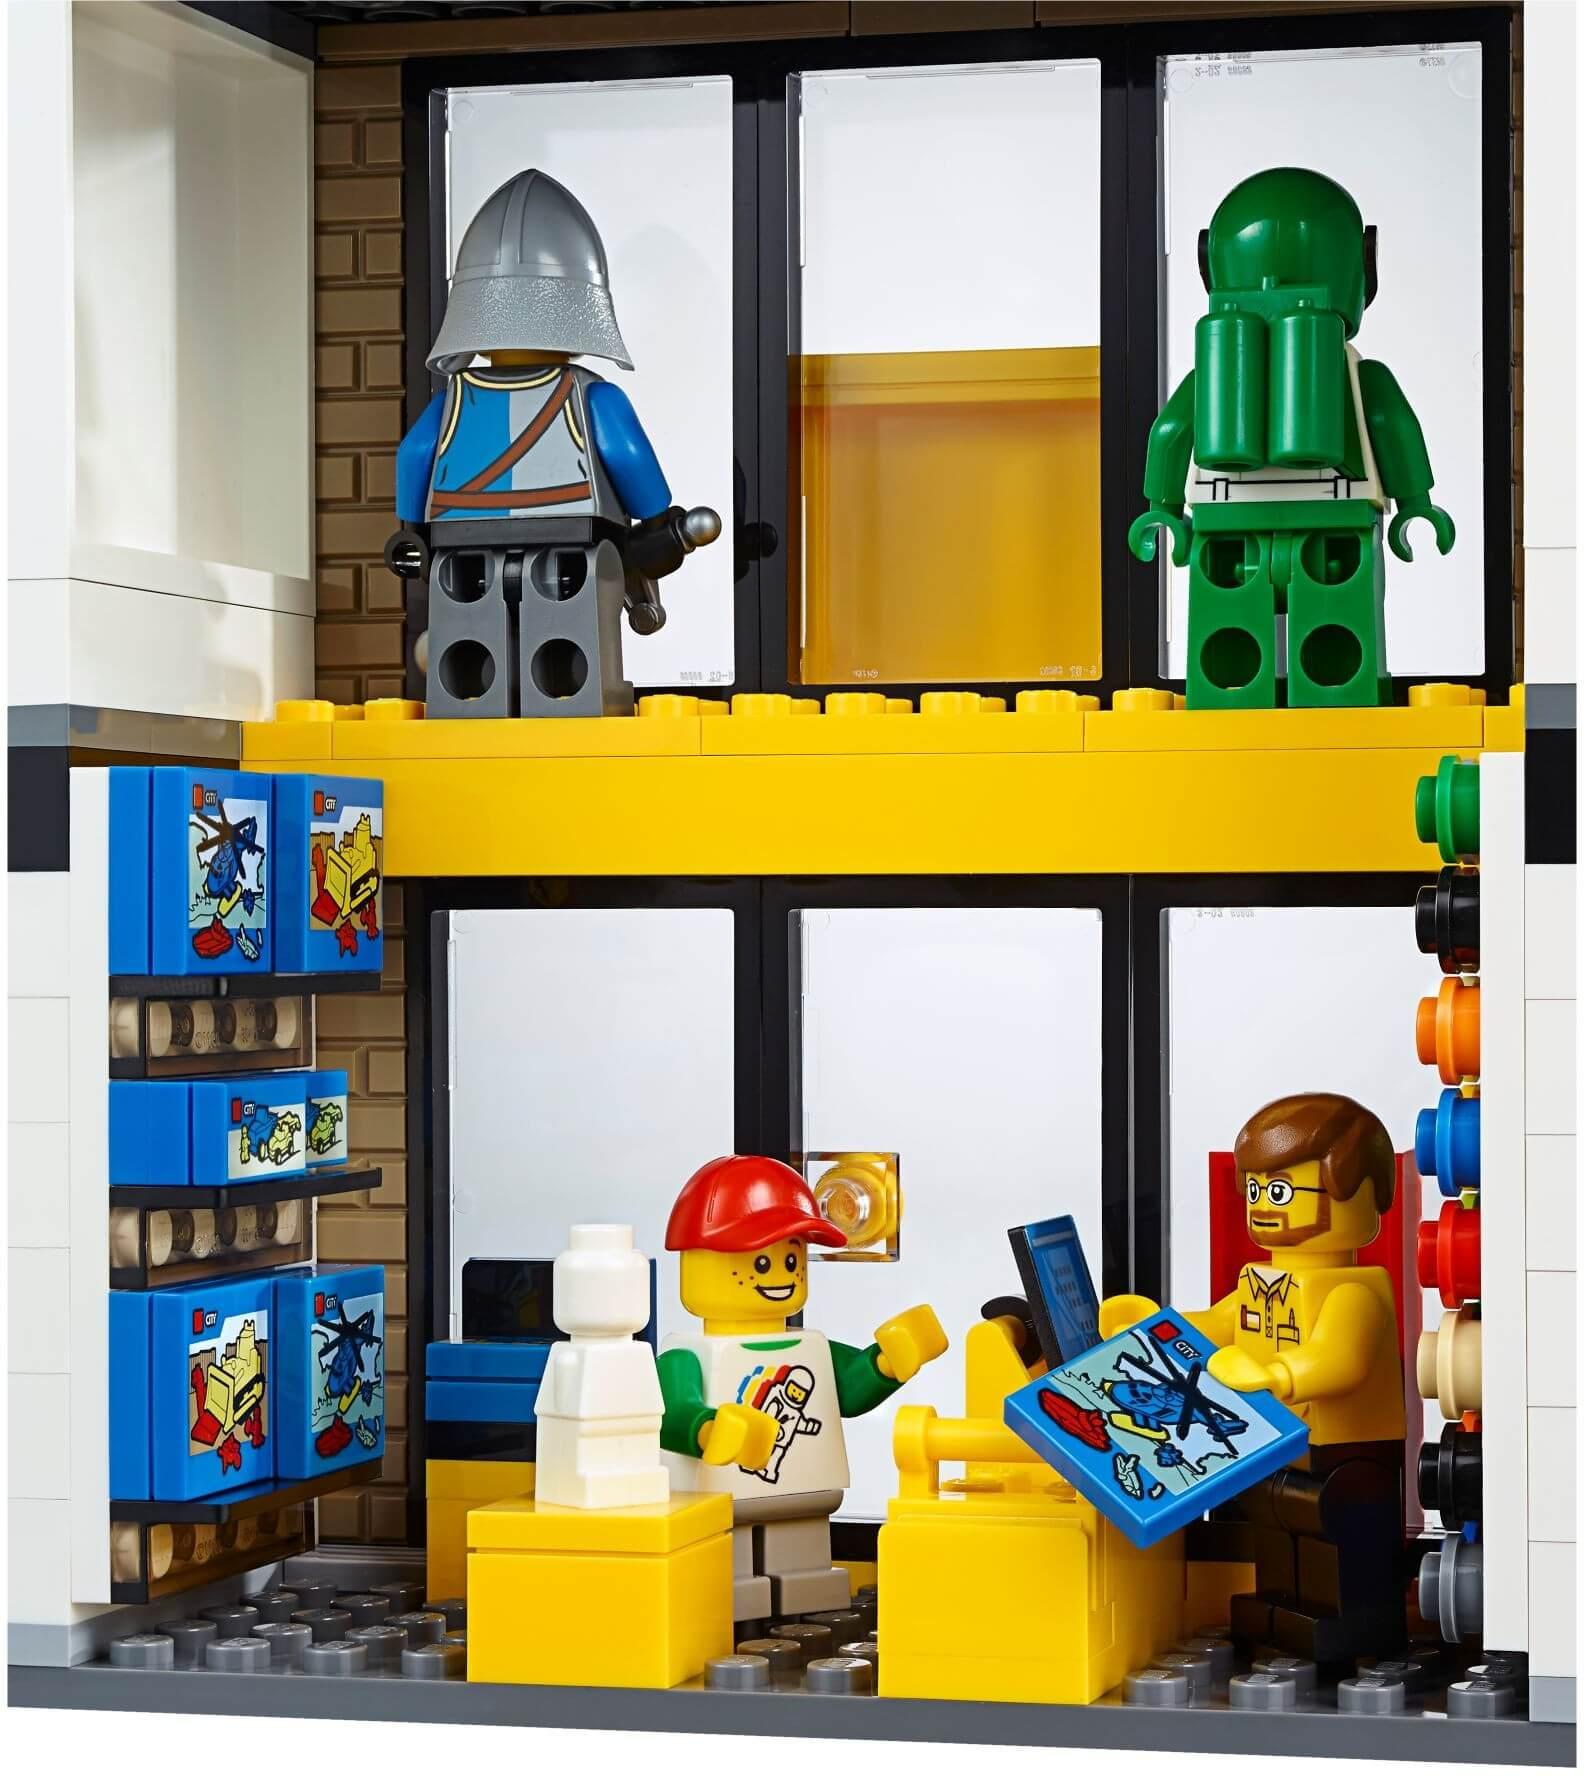 Mua đồ chơi LEGO 60097 - LEGO City 60097 - Quảng trường Thành phố (LEGO City The City Square 60097)